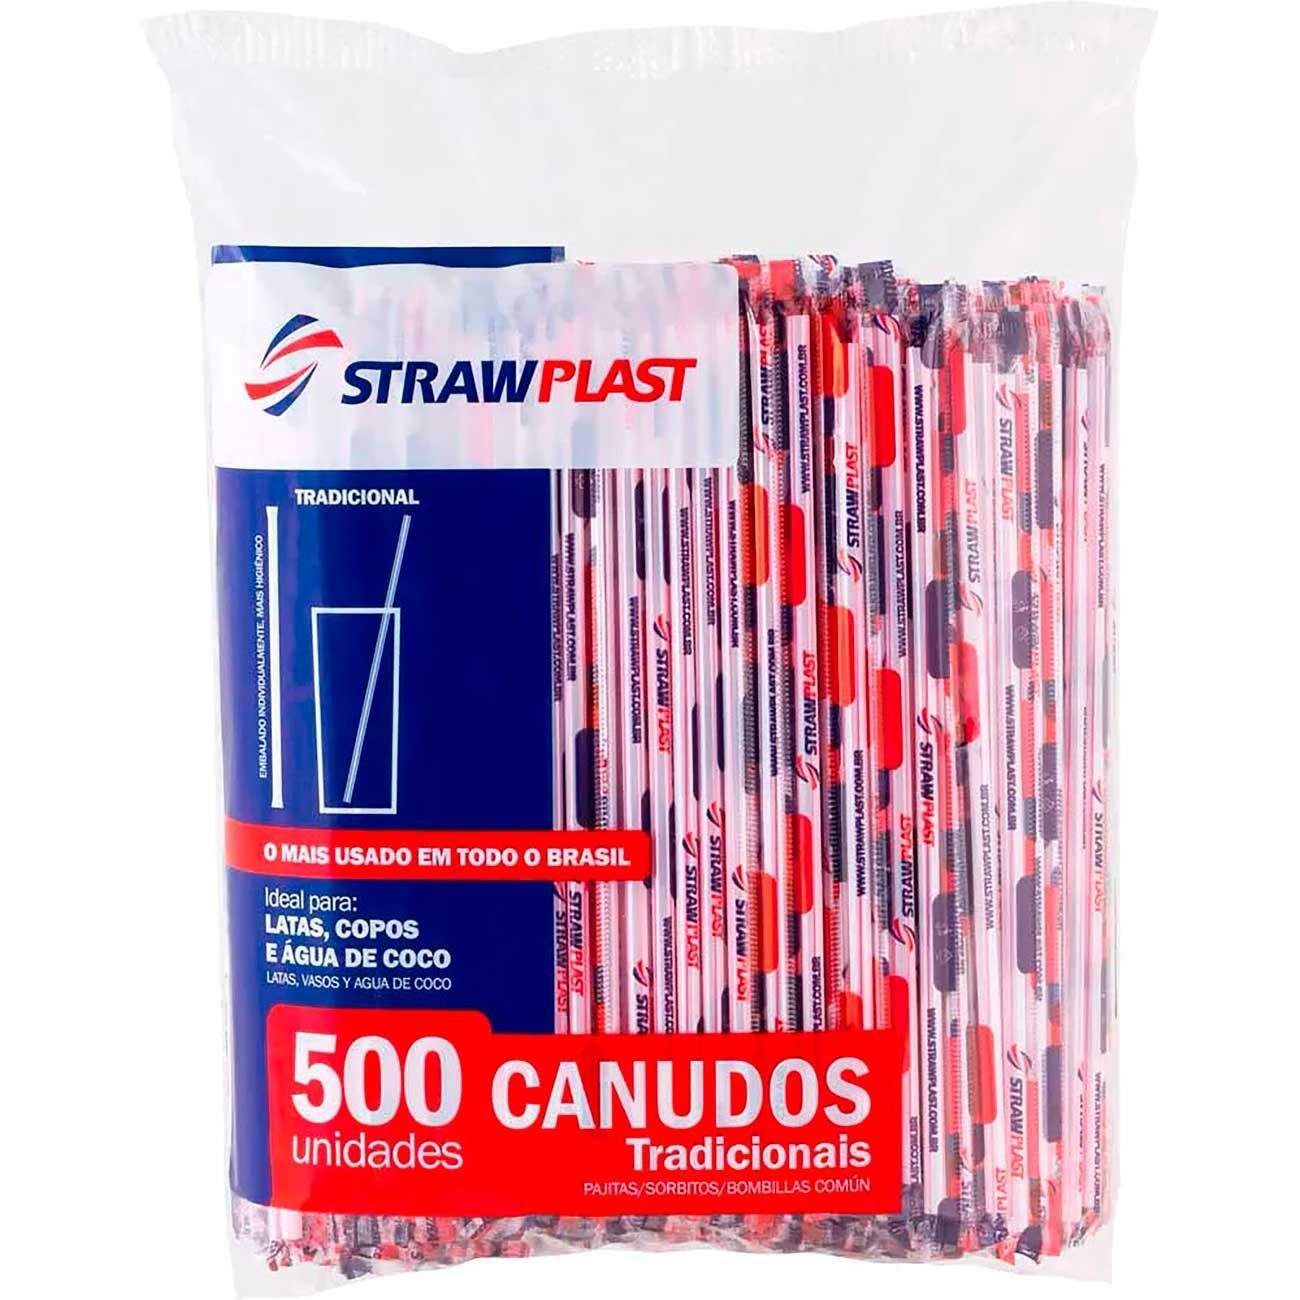 Canudo Strawplast Sach� Tradicional 5Mm - Cs-300 | Caixa com 3000 unidades